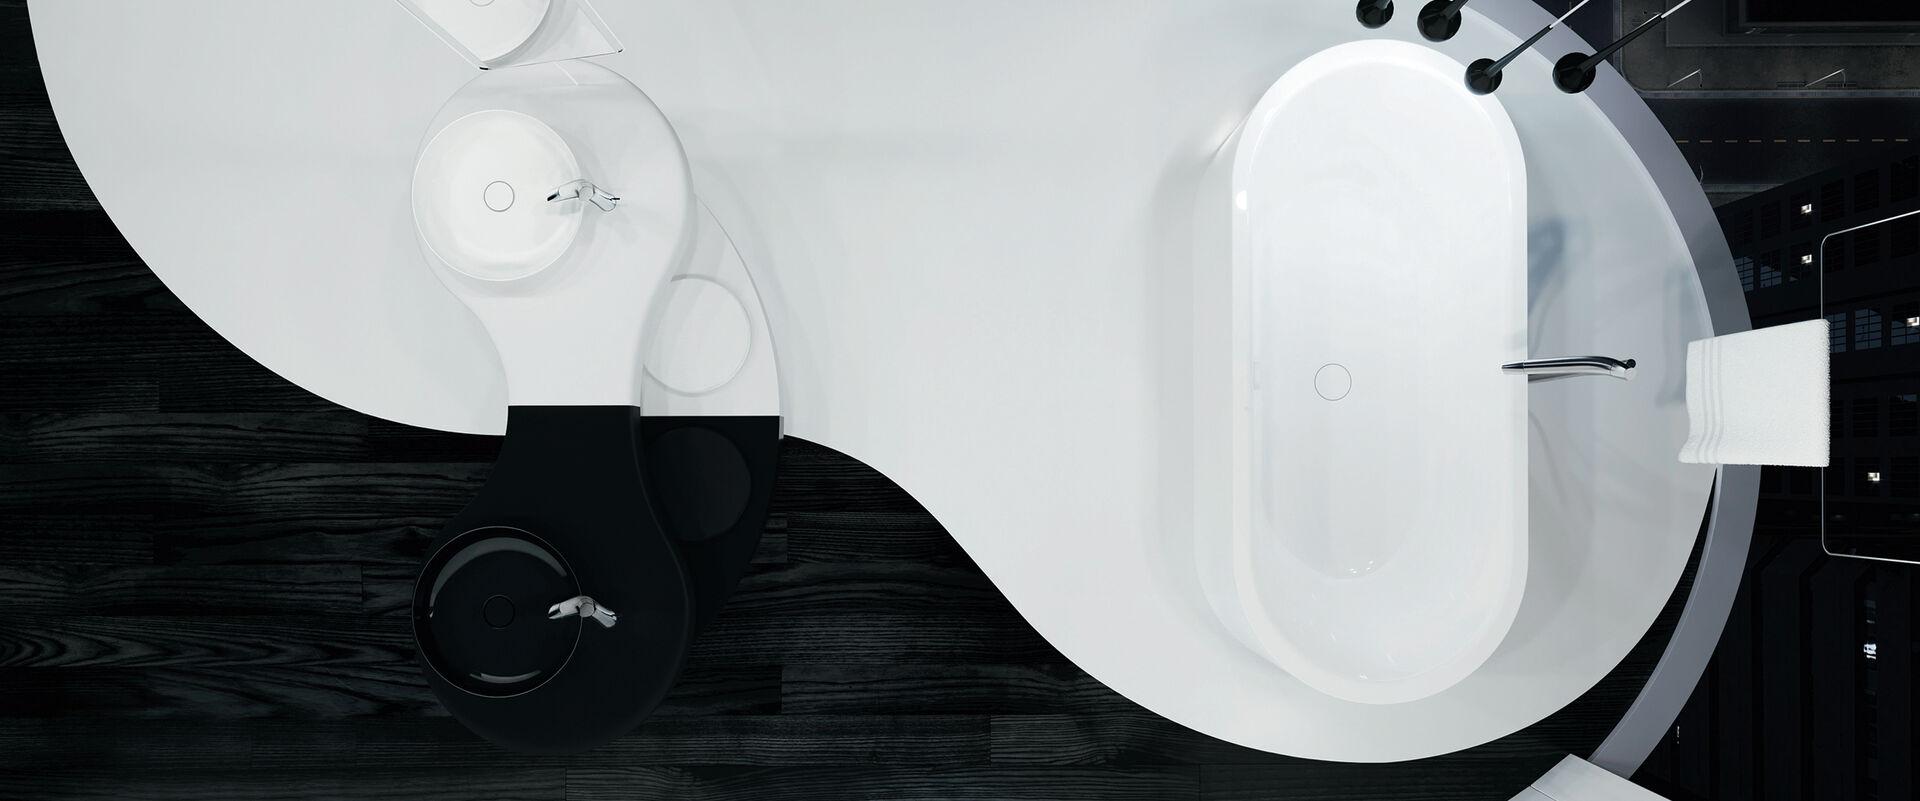 Kaldewei miena filigranes design vielf ltig einsetzbar for Kaldewei waschbecken